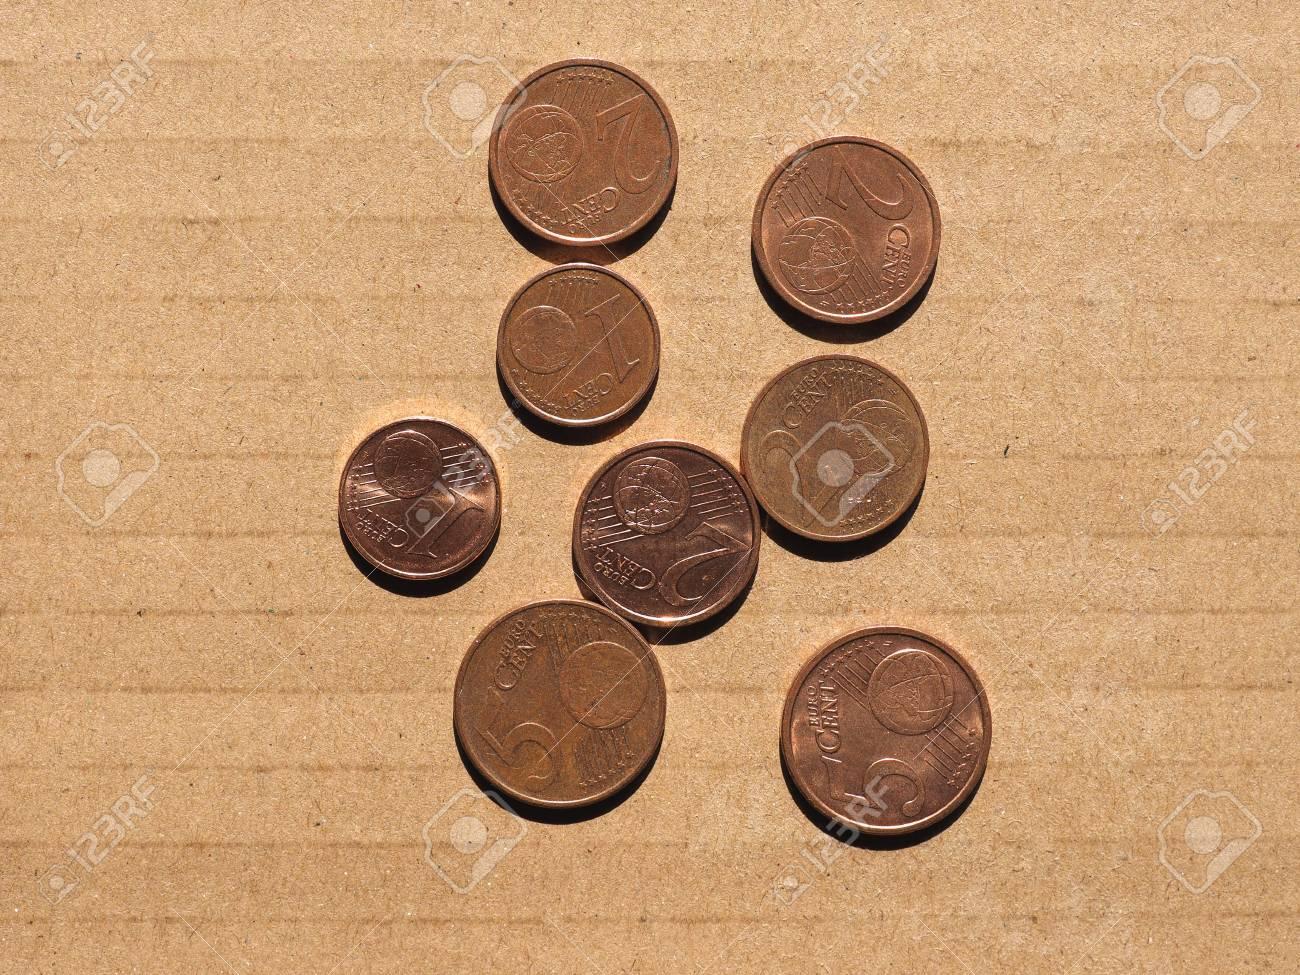 Euro Cent Münzen Währung Der Europäischen Union Ein Zwei Und Fünf